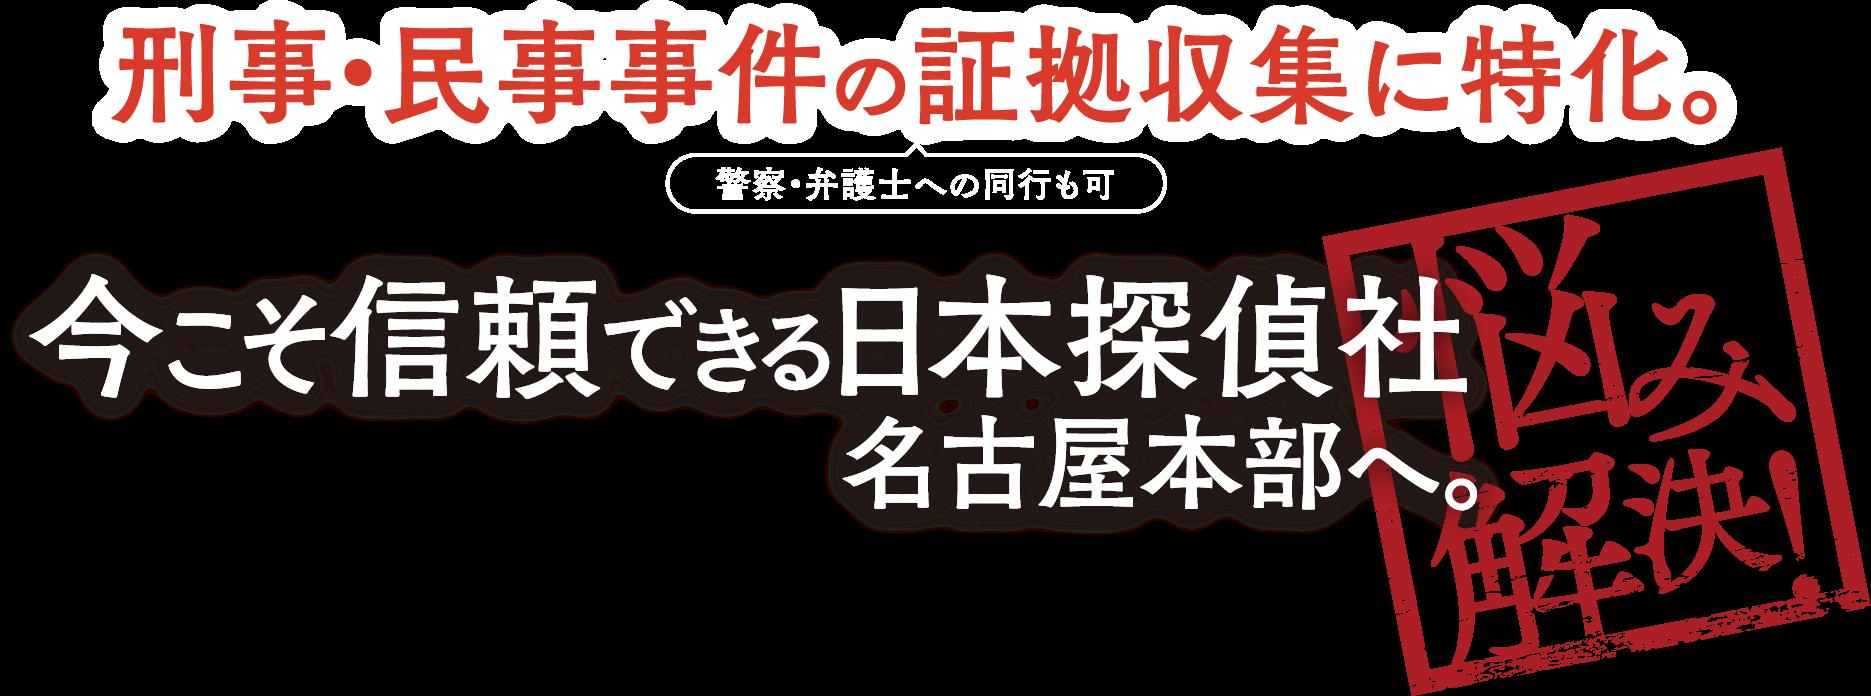 日本探偵社名古屋本部は刑事・民事事件の証拠収集に特化